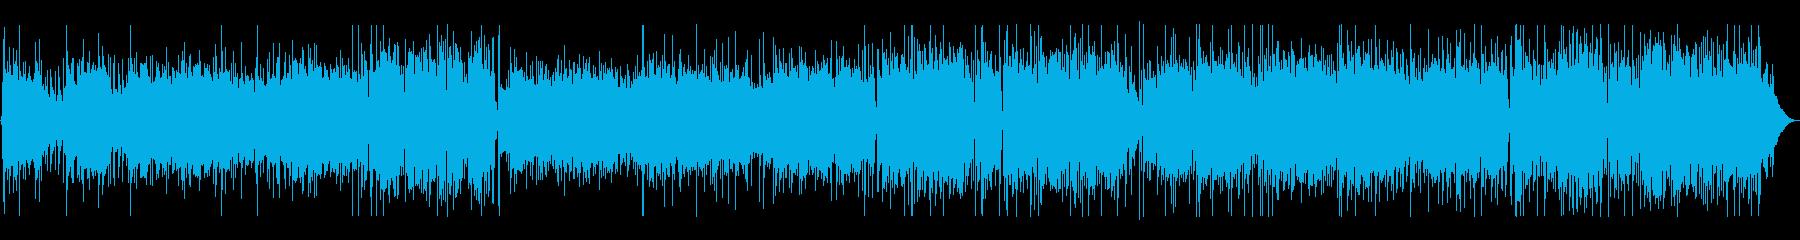 レトロ感あるボサノバの再生済みの波形